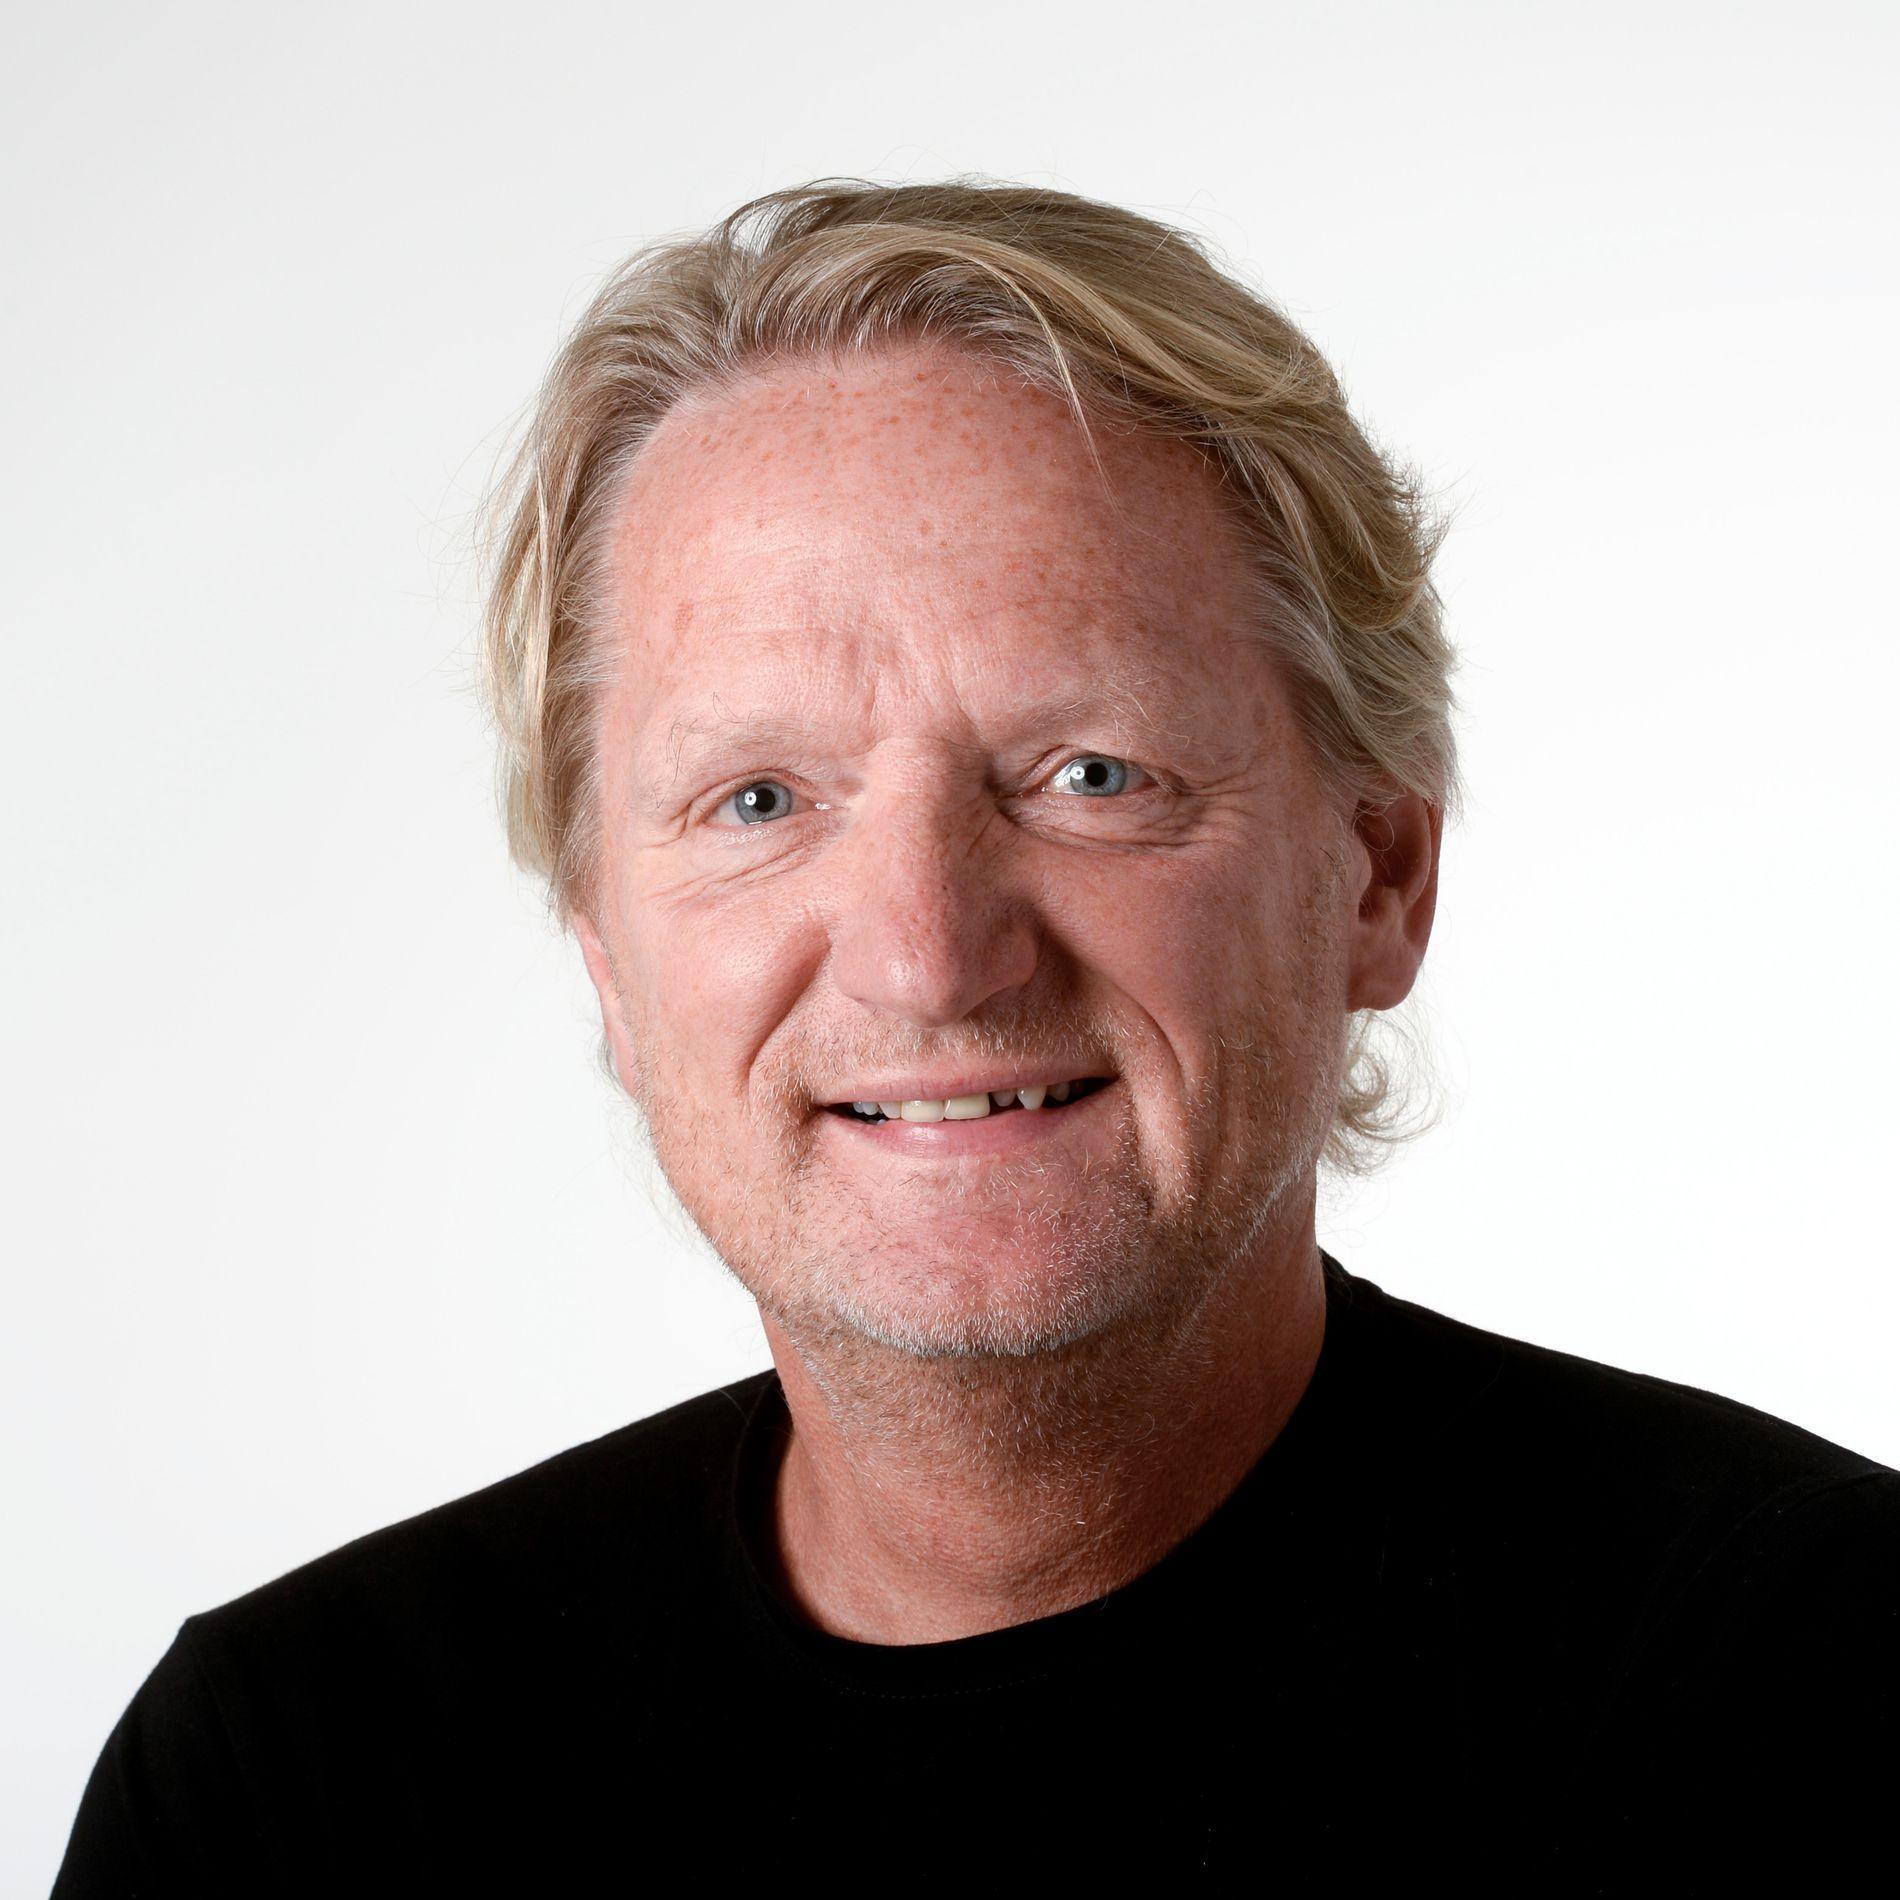 Anders Leon Andersen